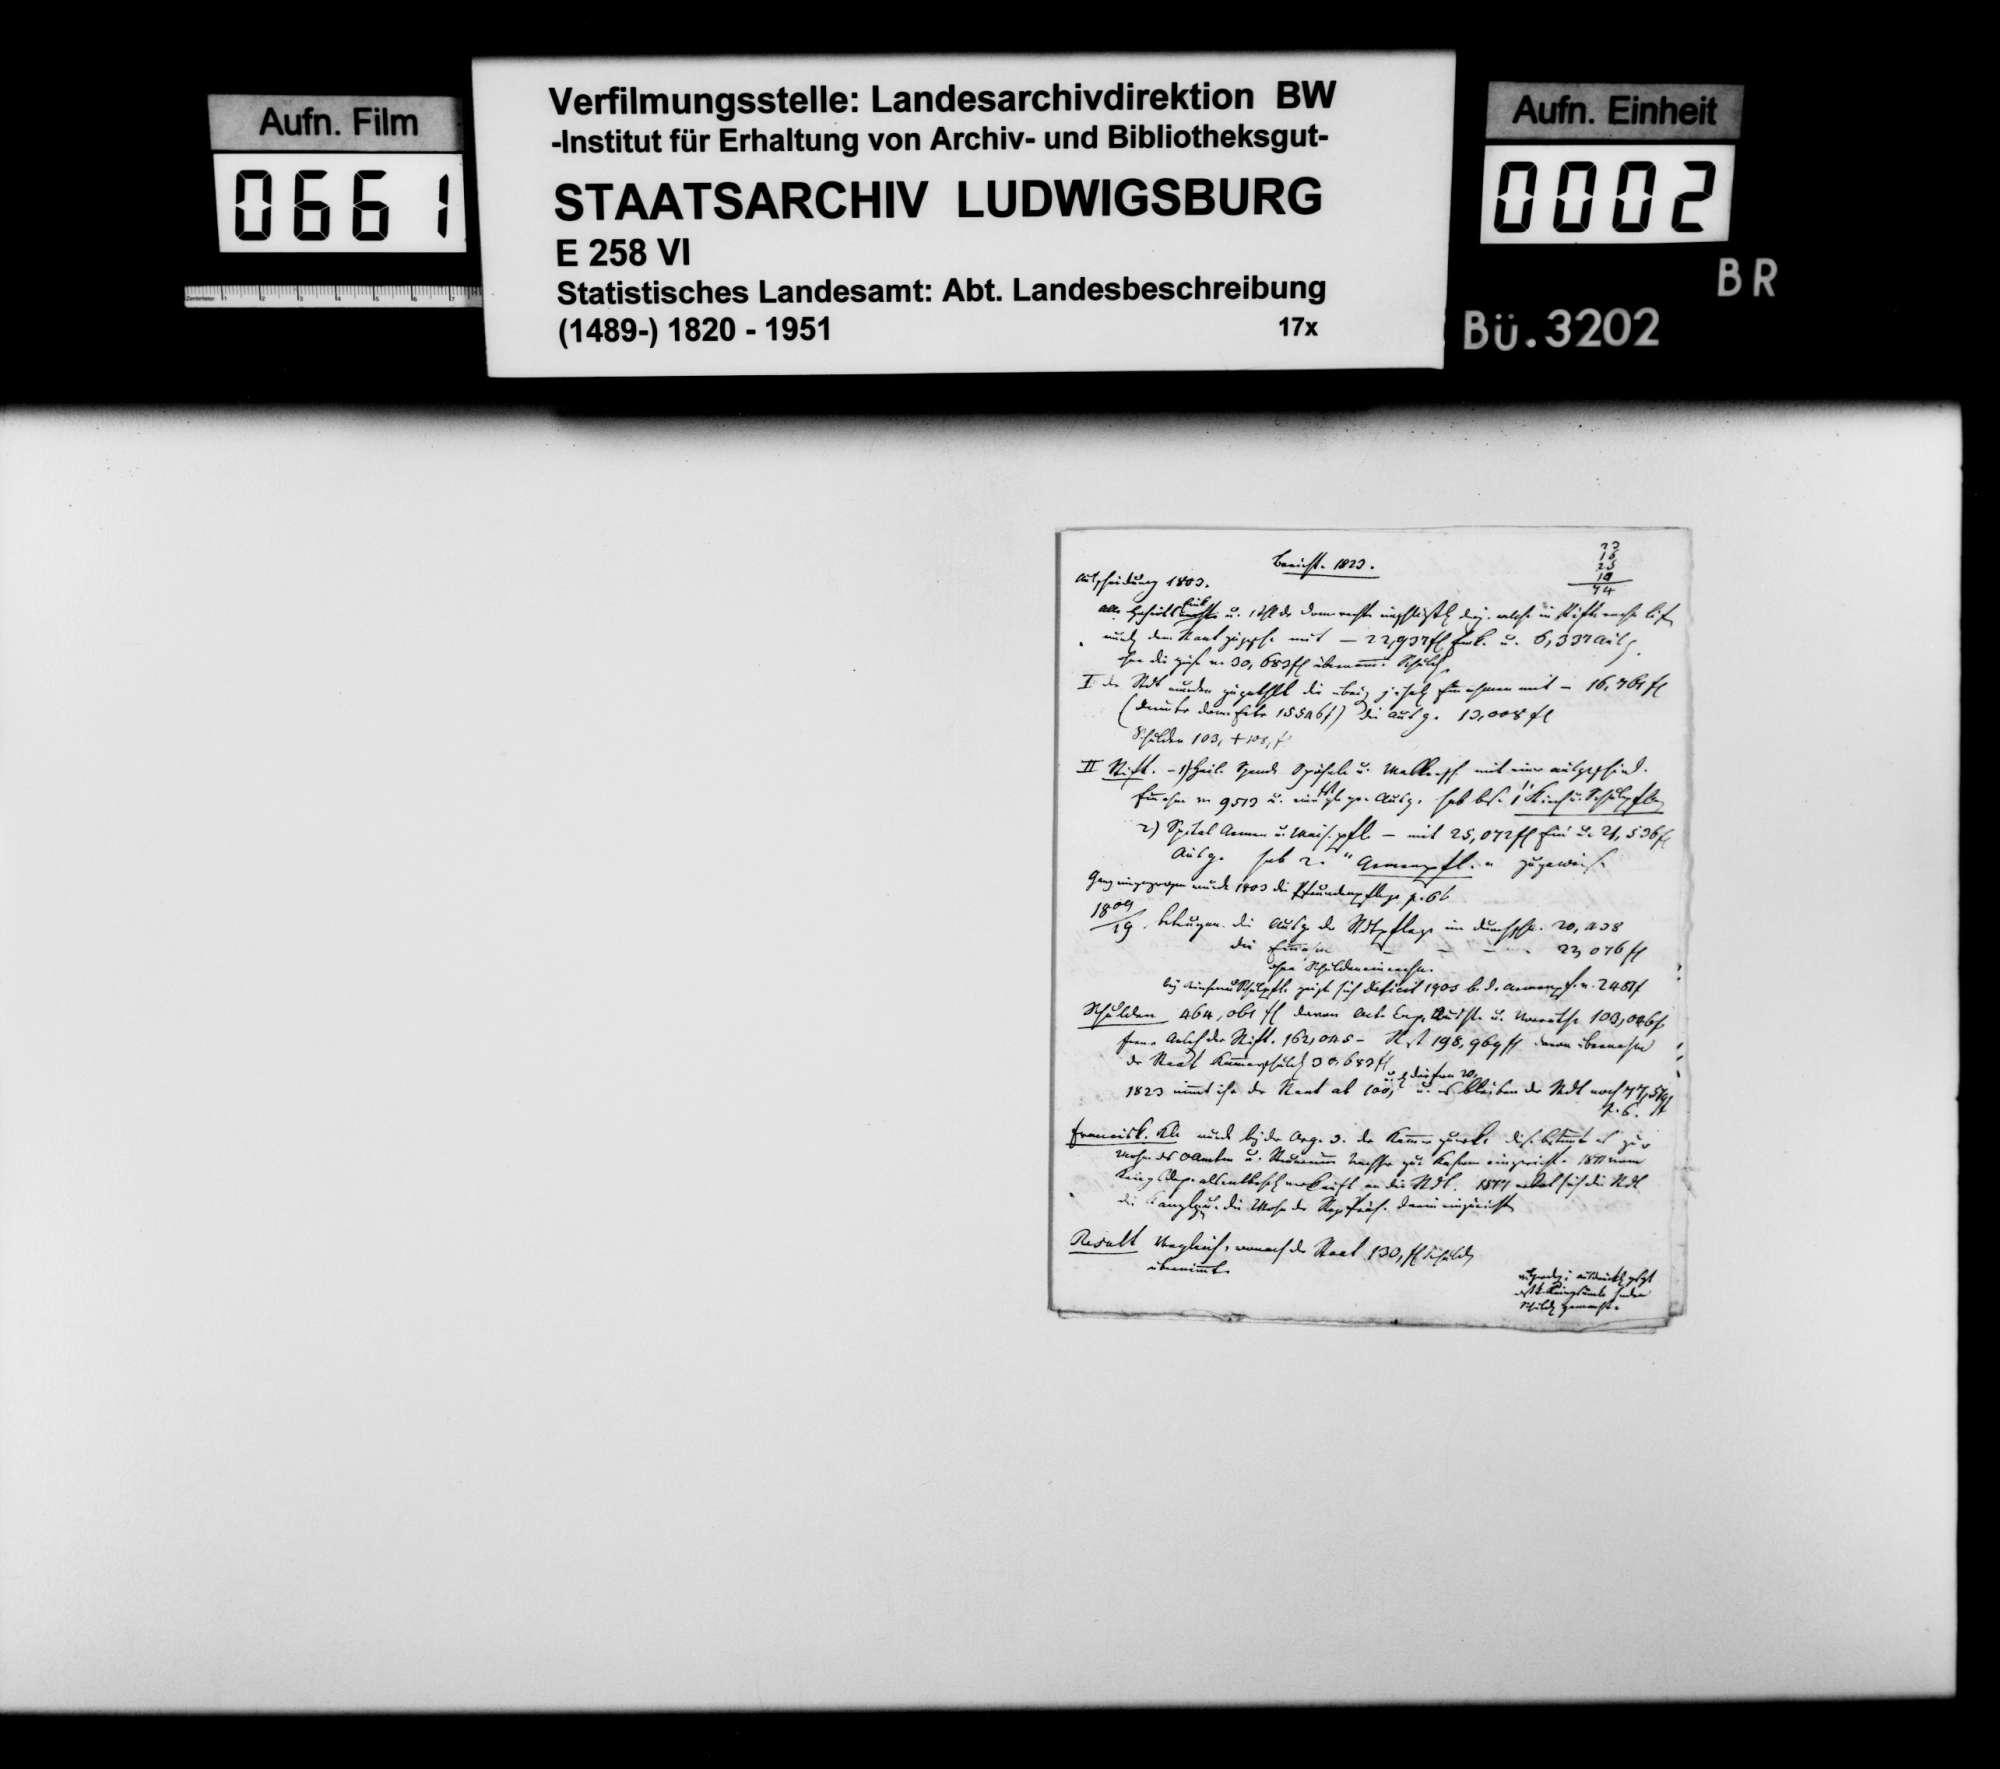 Notizen und Konzepte von Johann Daniel Georg Memminger zur OAB, Bild 1